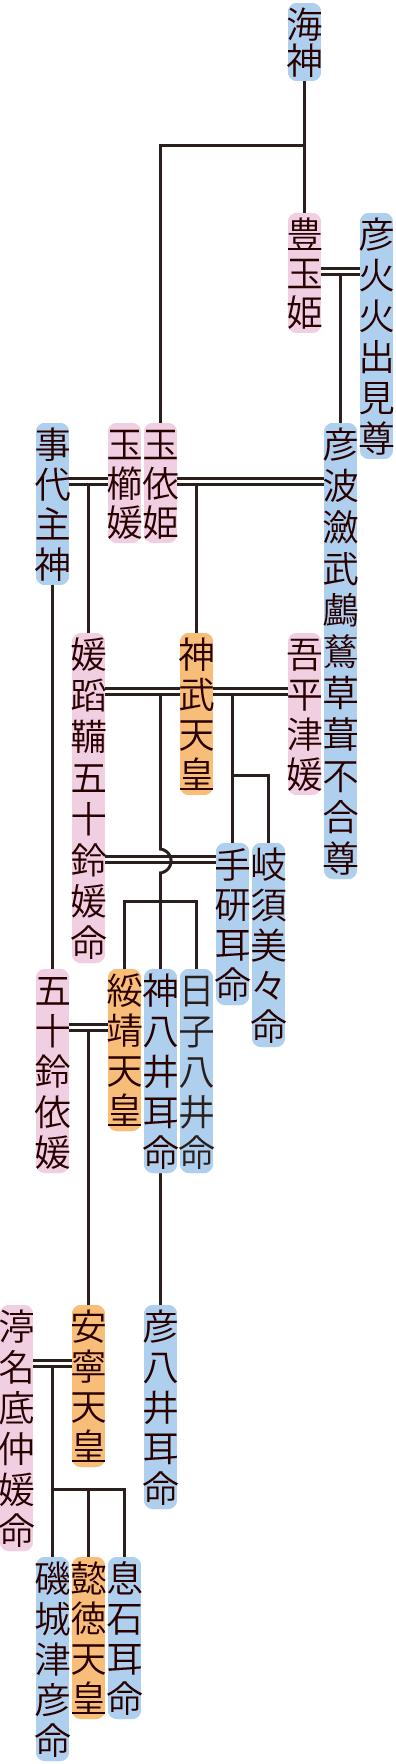 神武天皇・綏靖天皇の系図